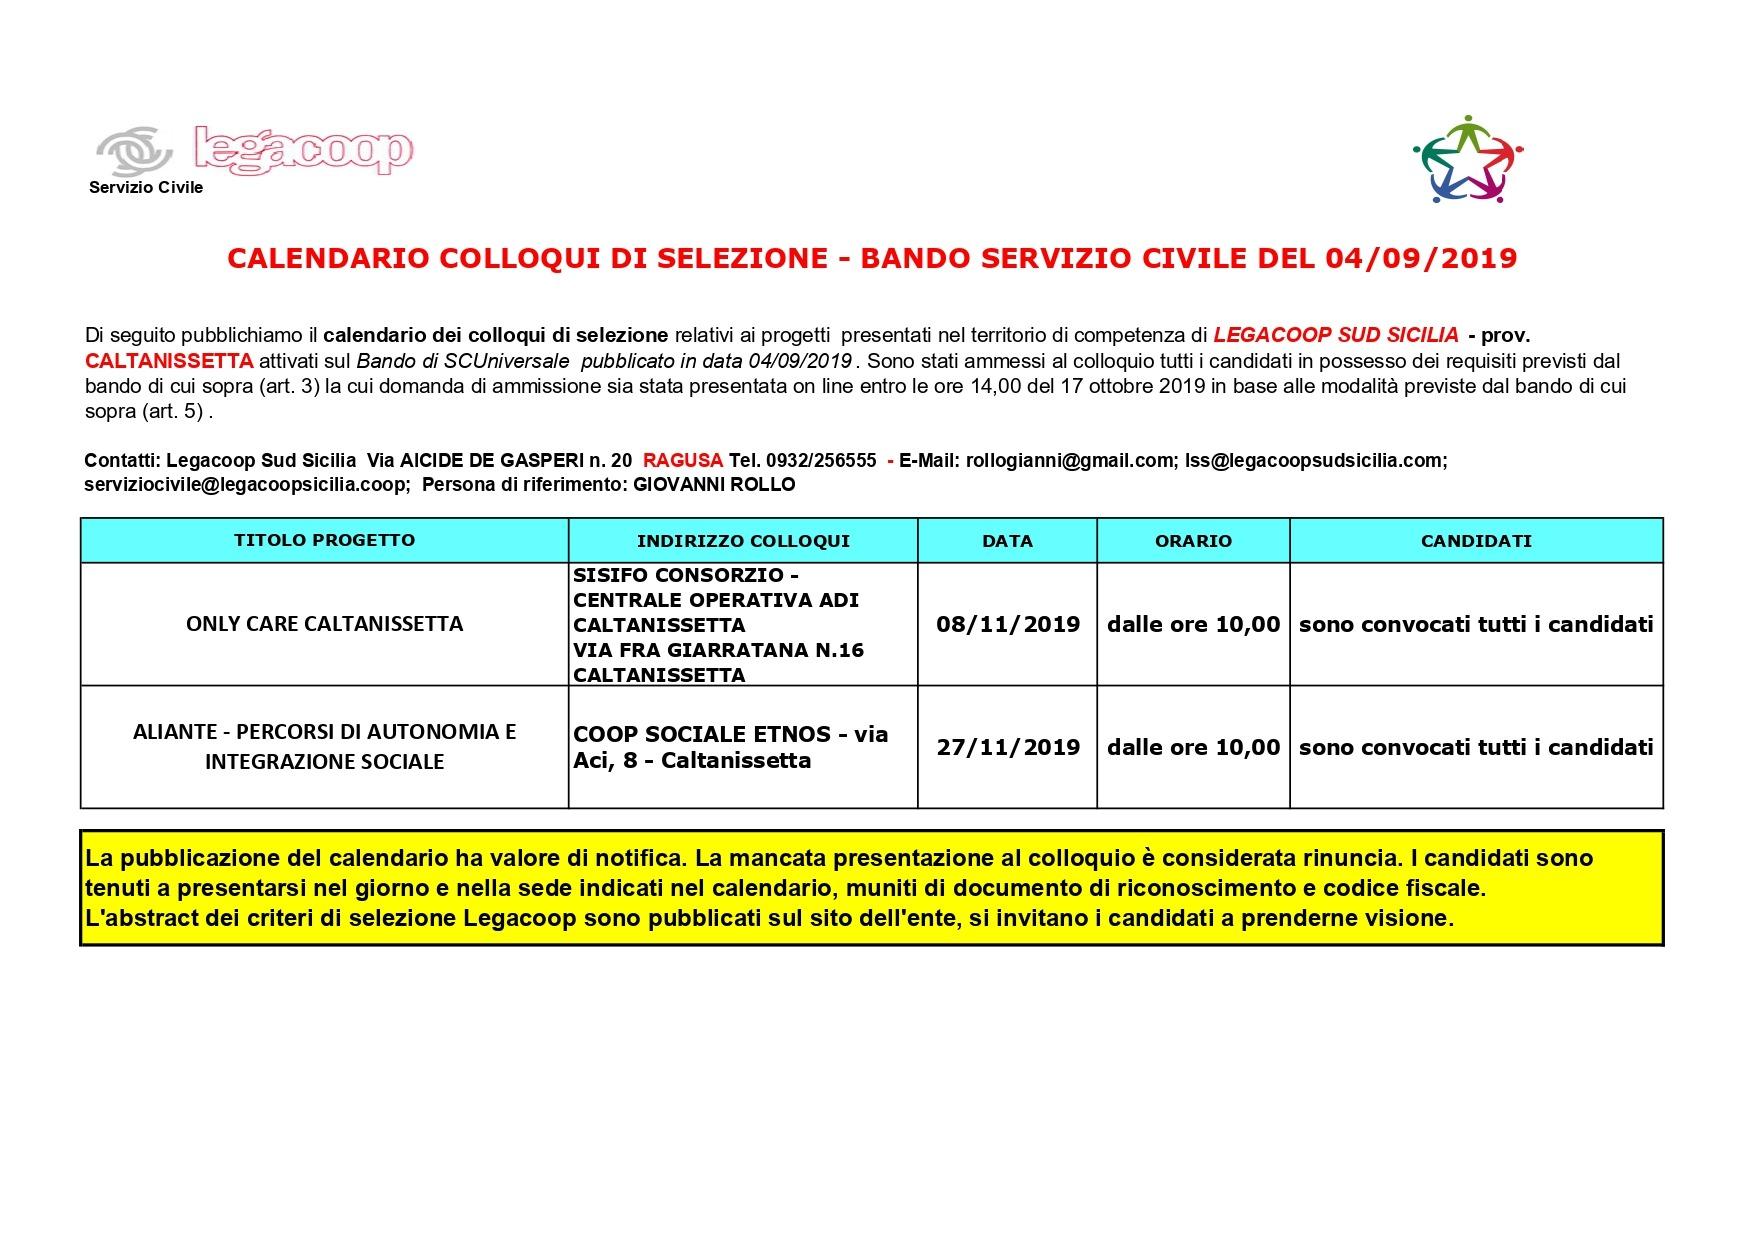 calendario-selezioni-scu-2019-provincia-di-caltanissetta931page-000111-1601548212.jpg